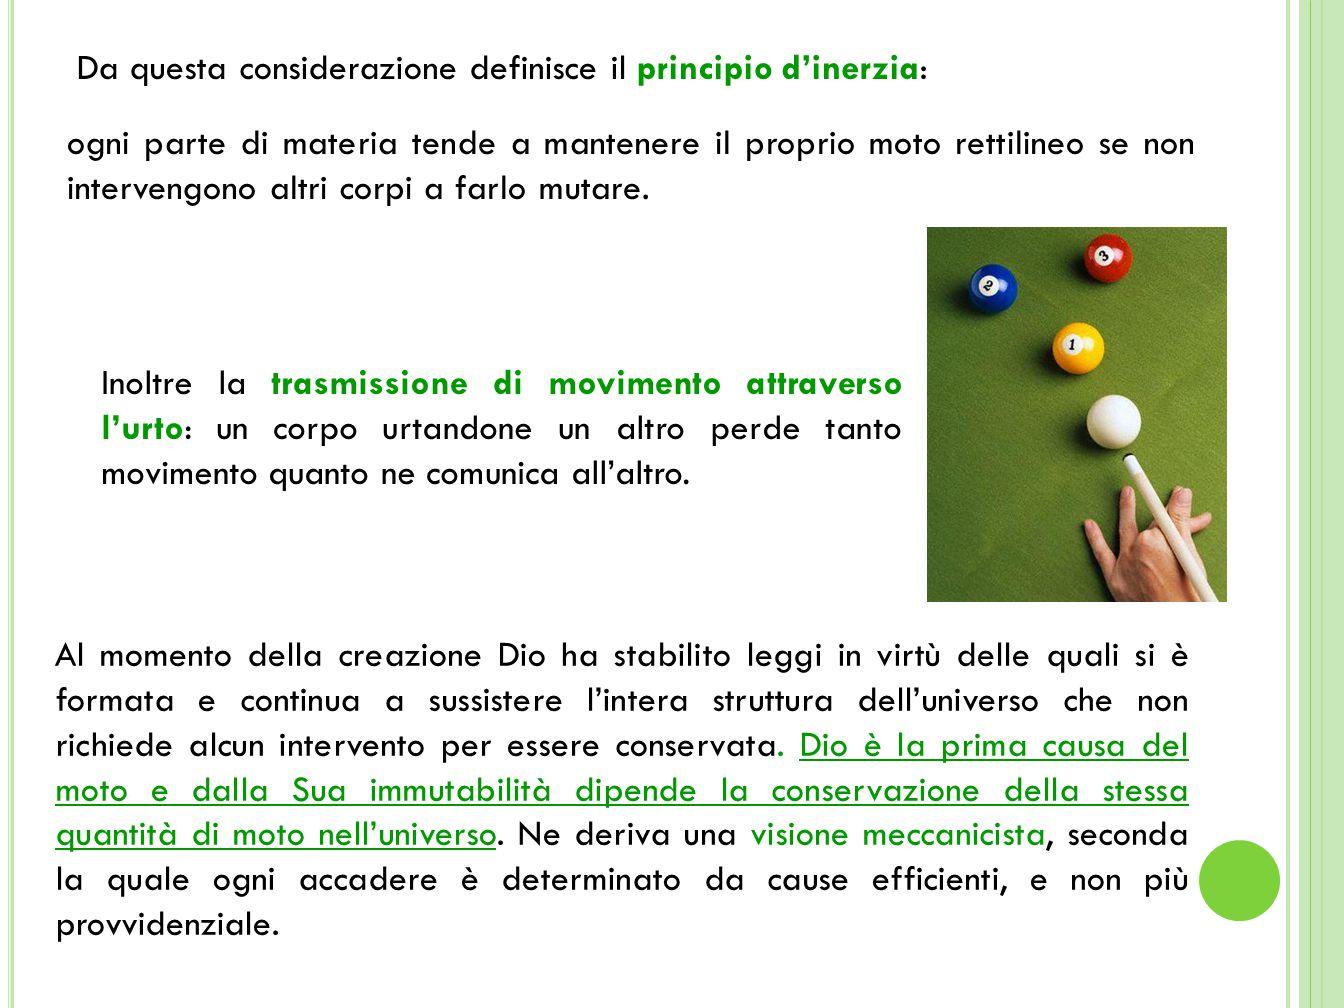 Da questa considerazione definisce il principio d'inerzia: ogni parte di materia tende a mantenere il proprio moto rettilineo se non intervengono altri corpi a farlo mutare.